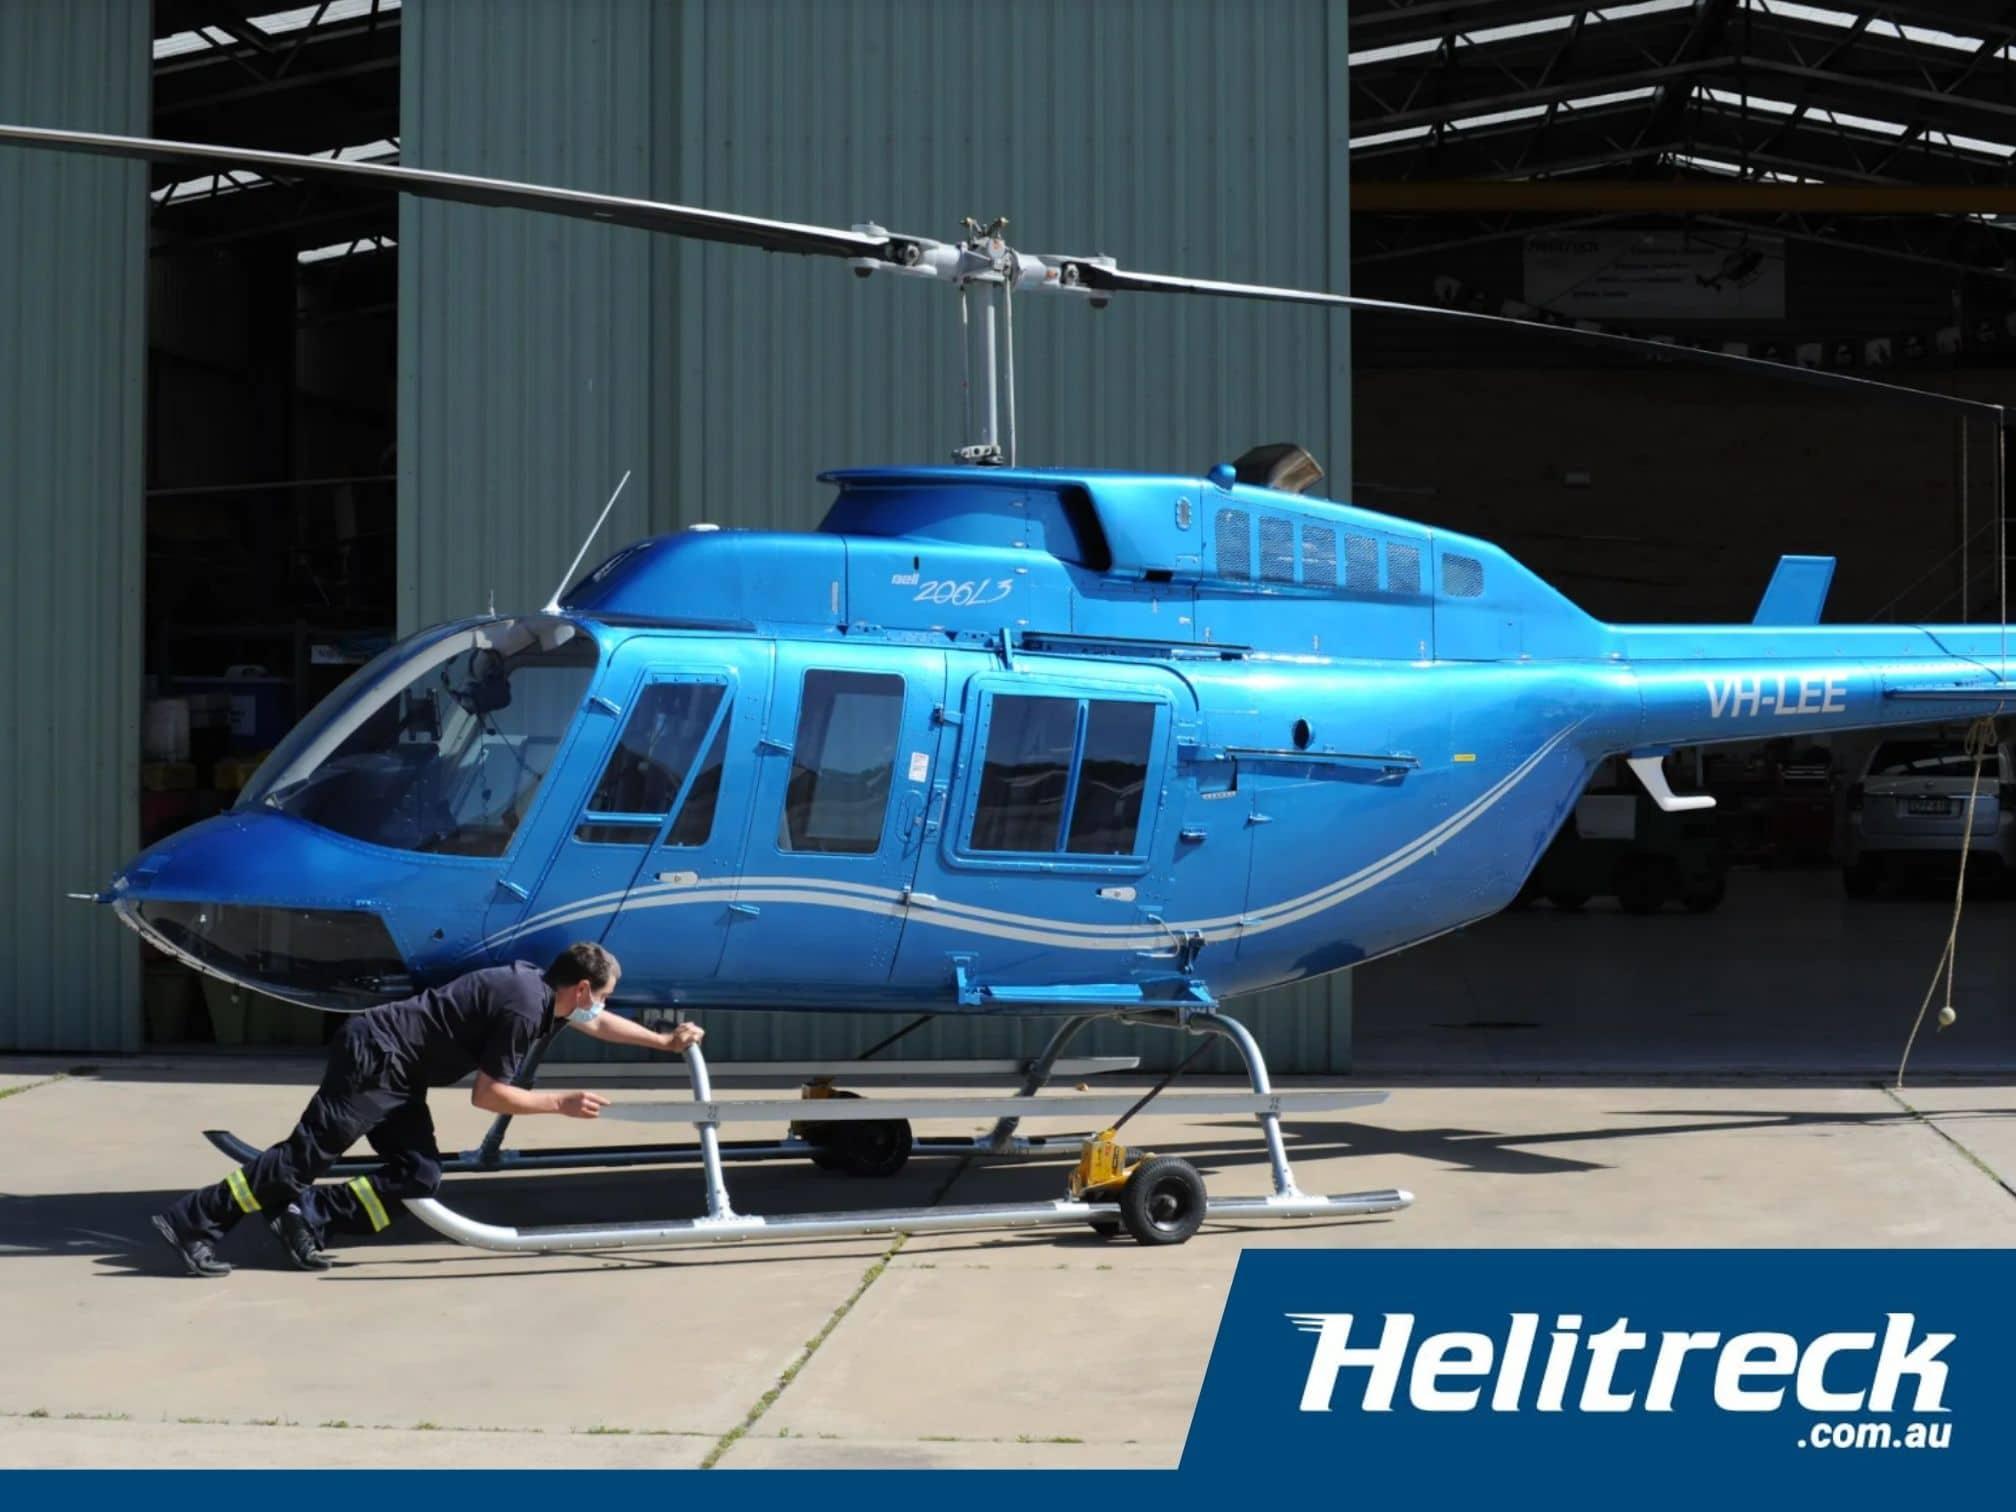 Helitreck Bell 206L3 LongRanger